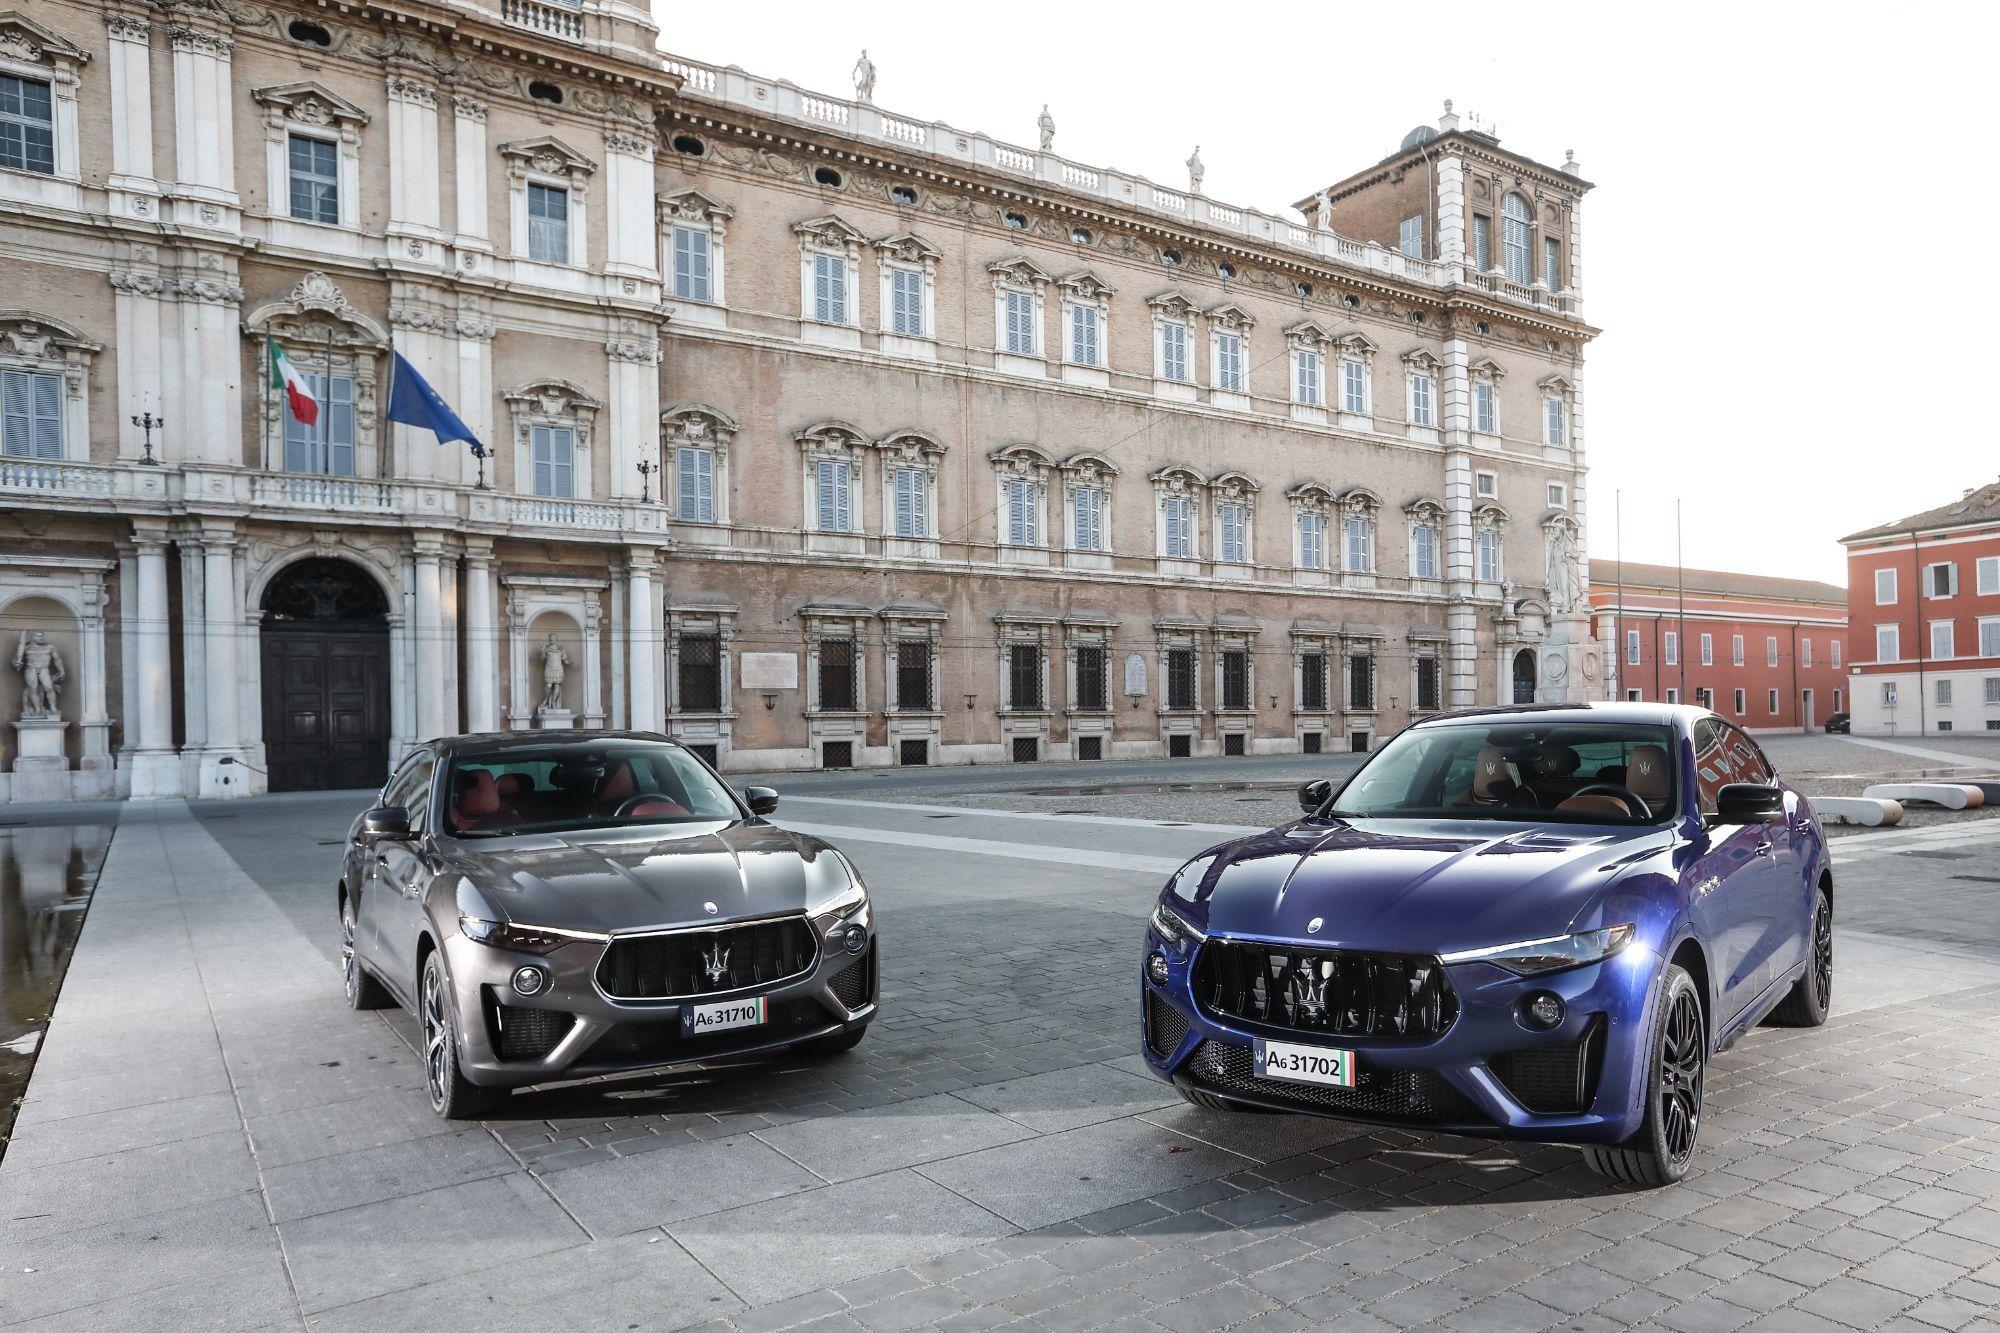 Levante Trofeo Y GTS los SUV más potentes de la historia de Maserati, ya a la venta en España